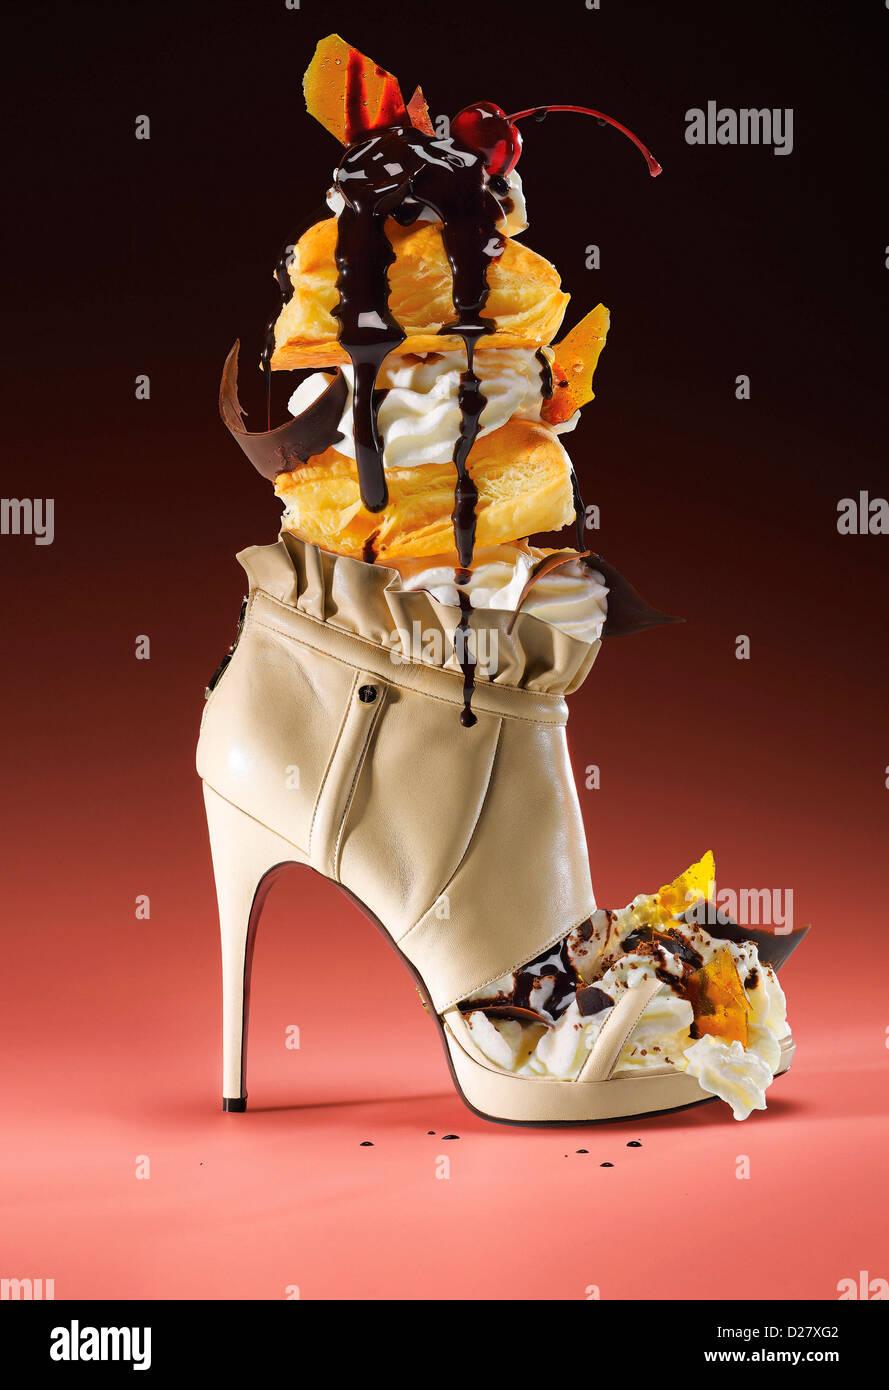 Tacco alto scarpa riempito con gelato Gelato su sfondo rosa Immagini Stock